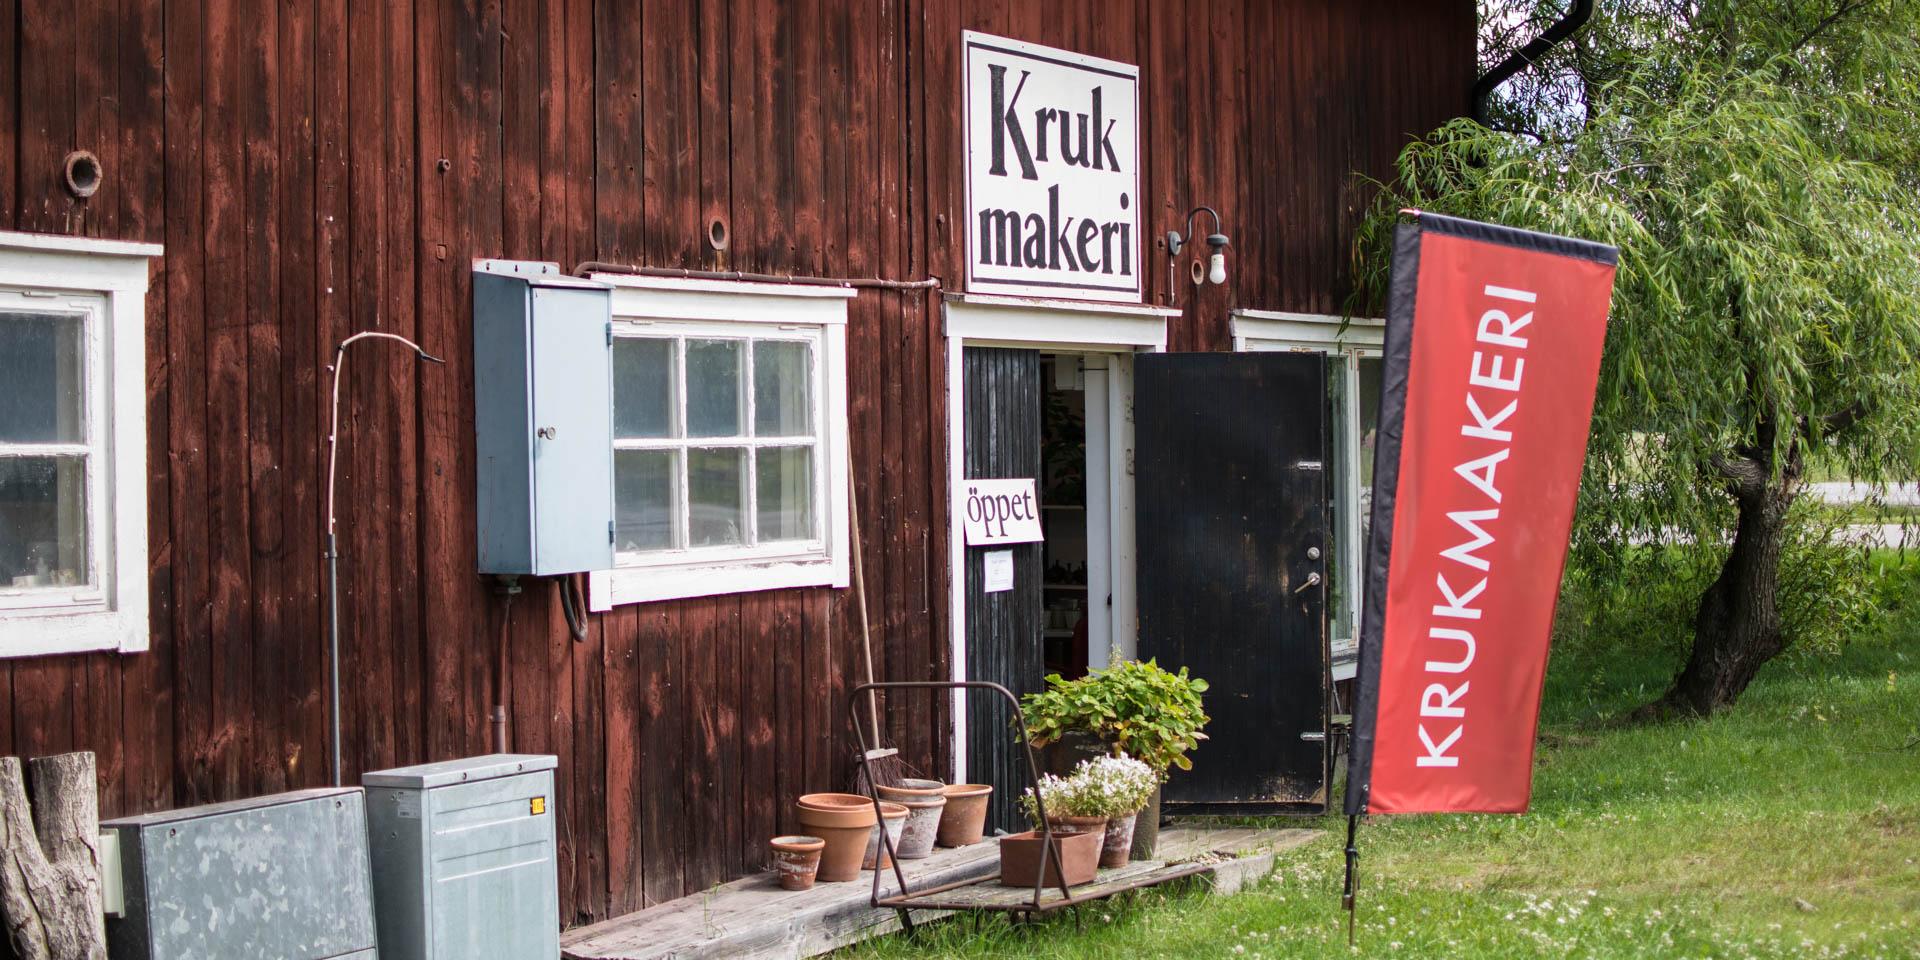 Vimmerby Krukmakeri 2017